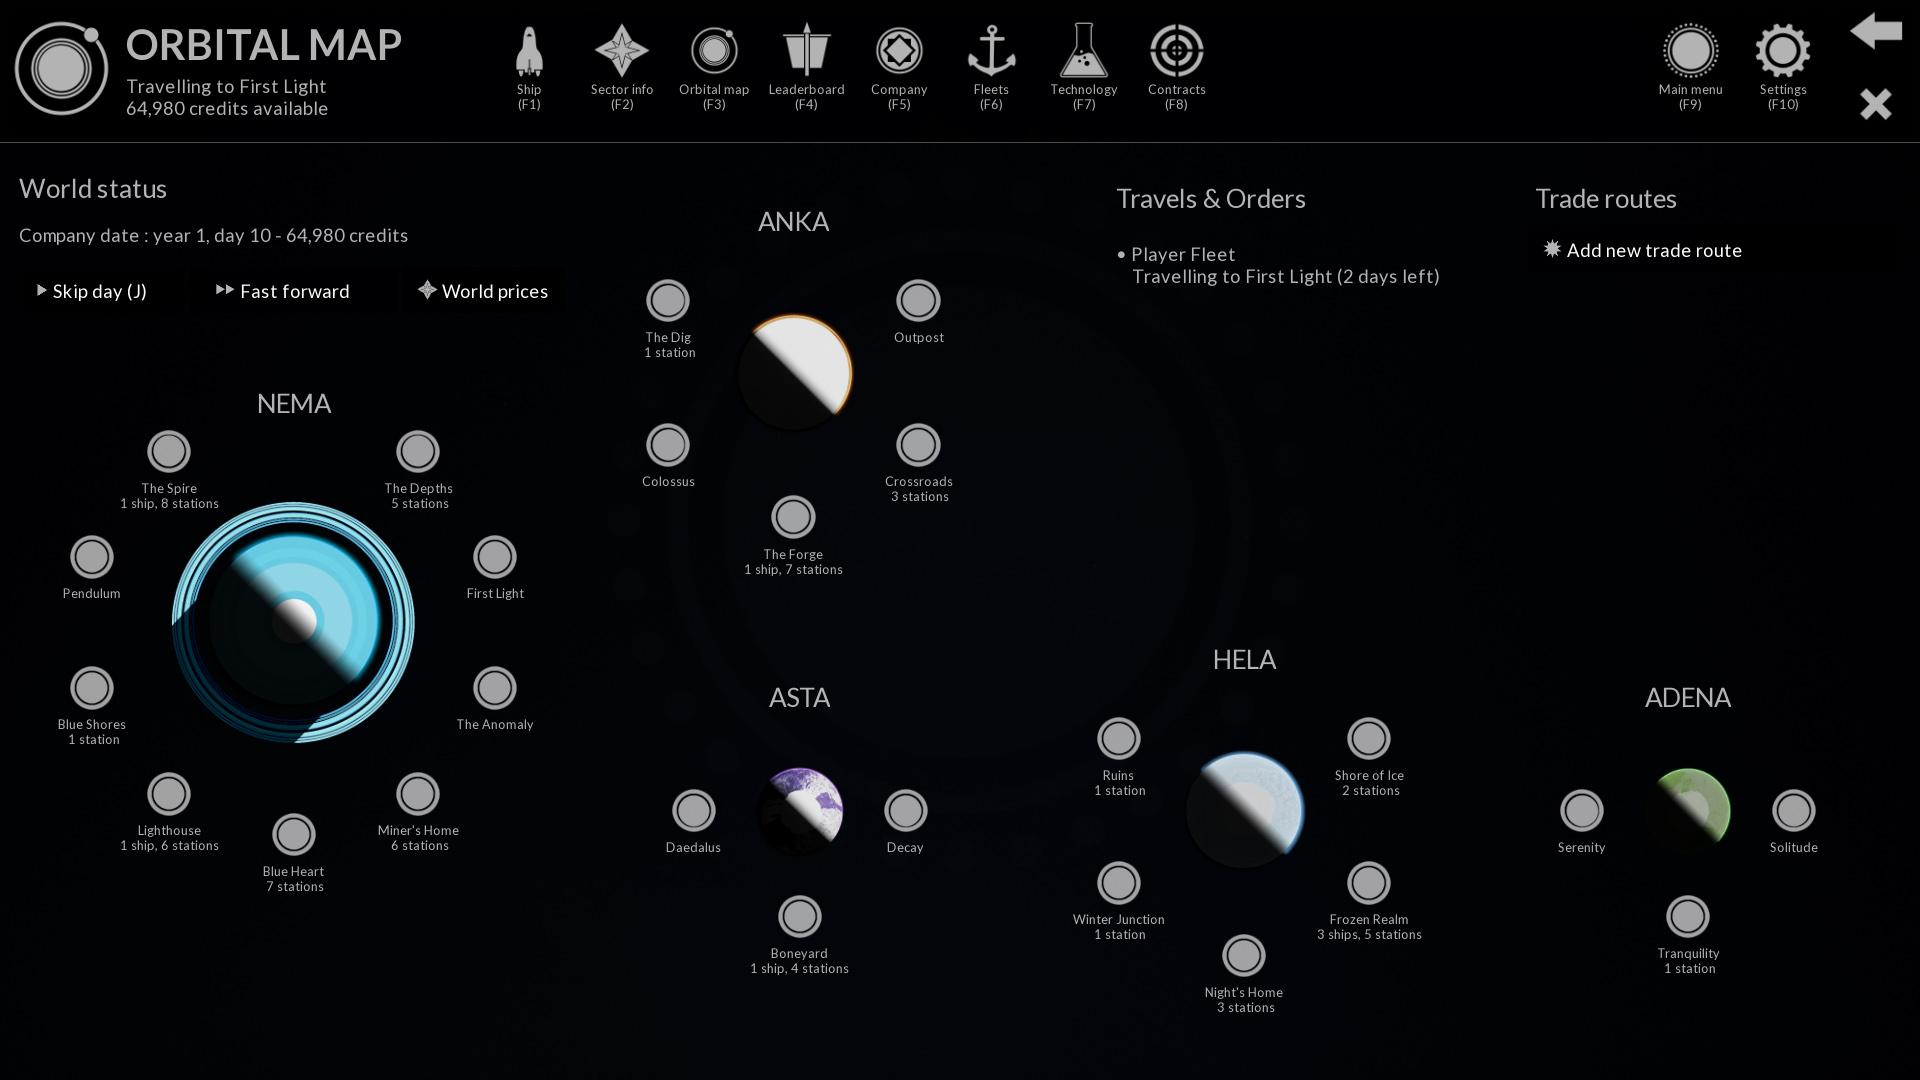 La carte orbitale, avec tous l'univers du jeu